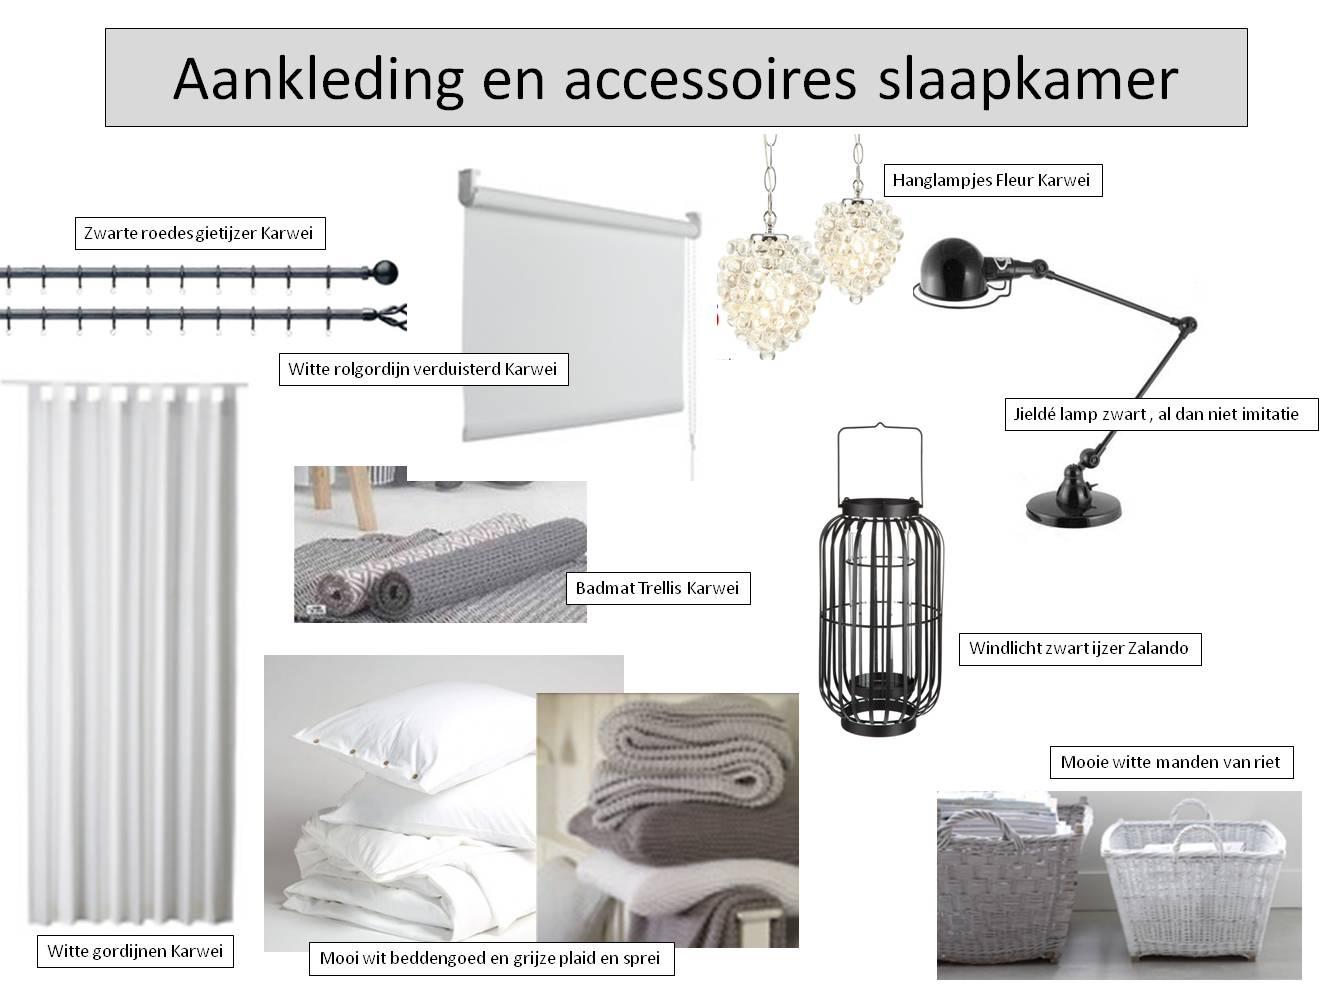 Aankleding en accessoires slaapkamer - Monique Disteli Interieur & Tuin